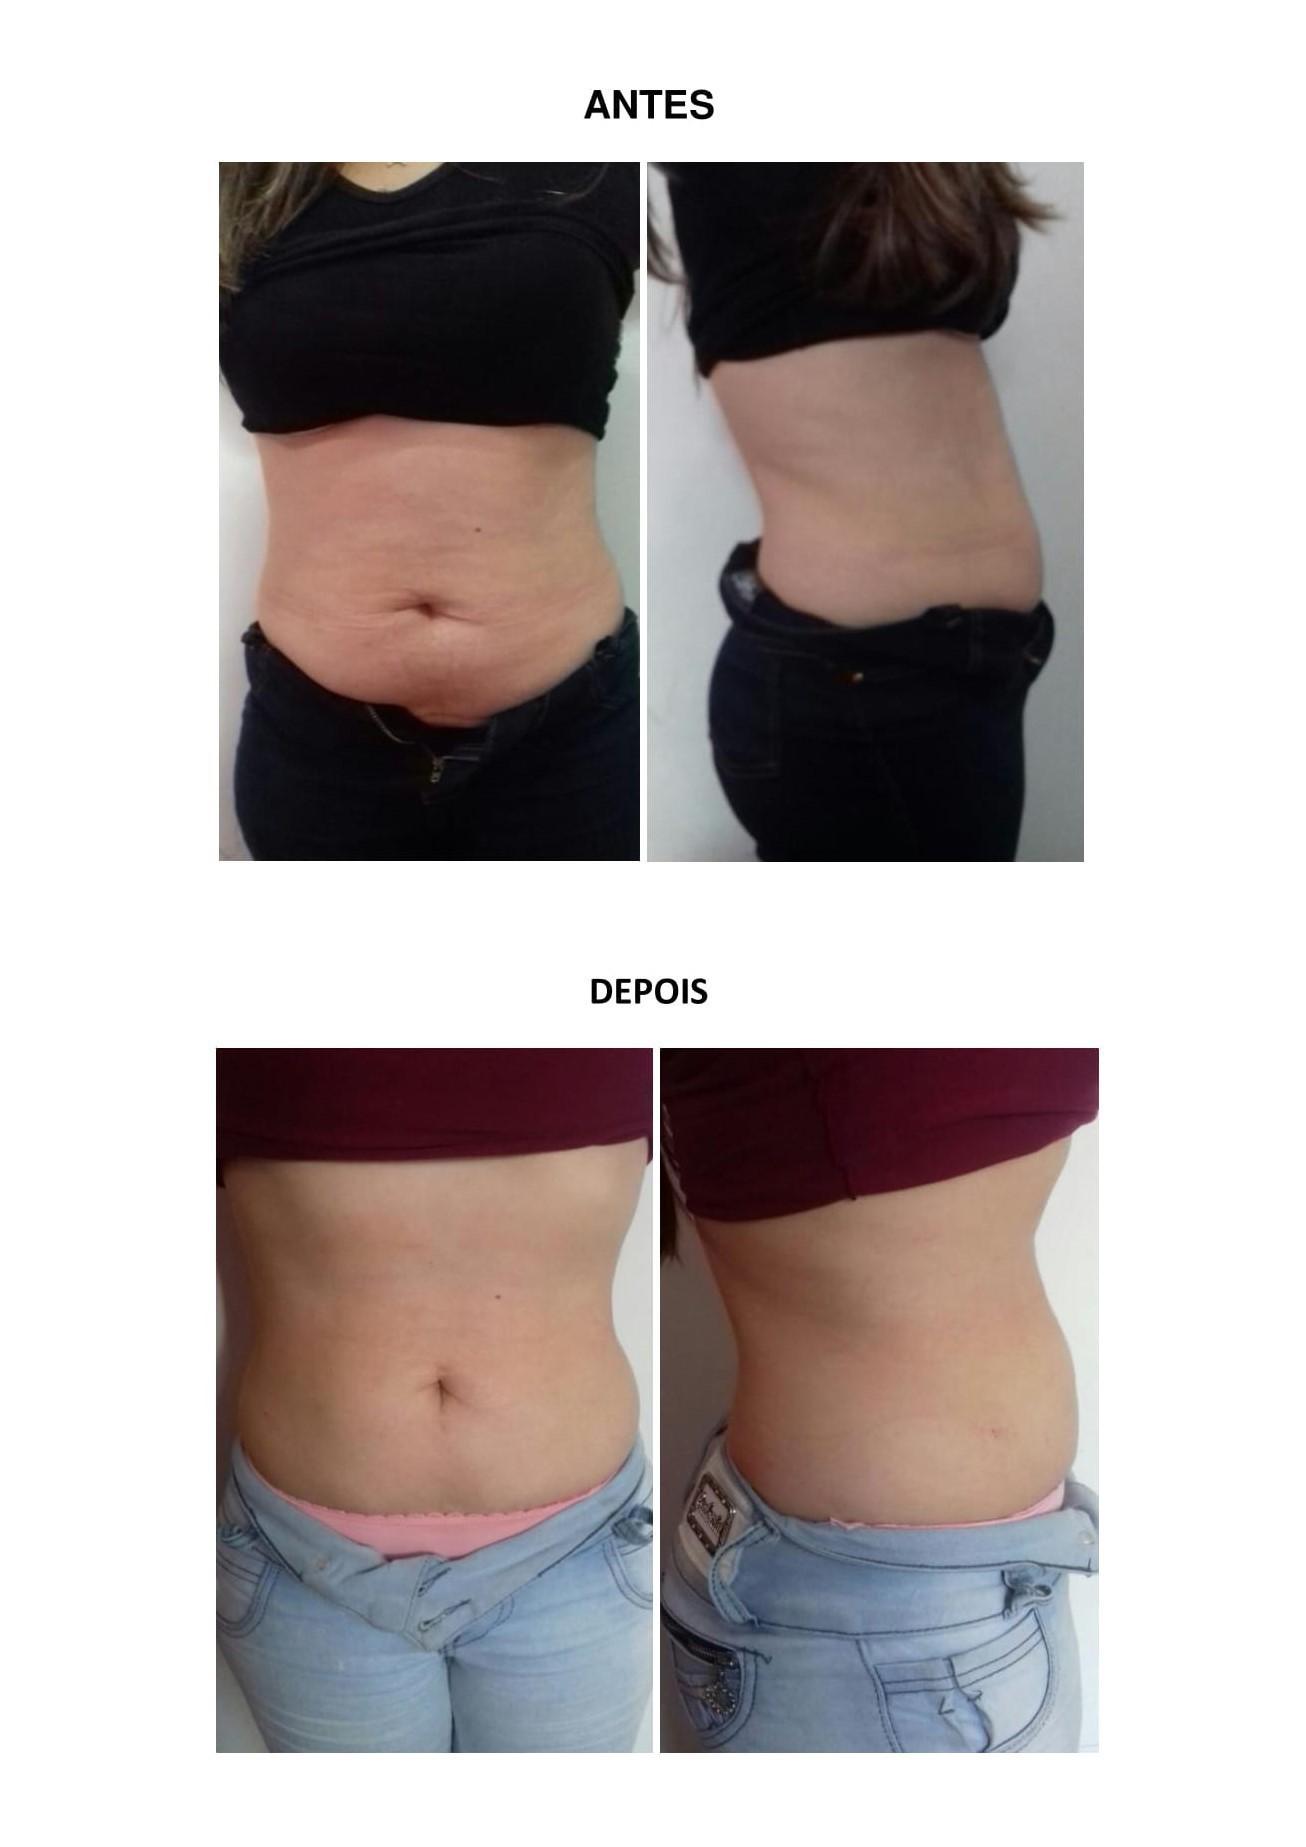 Tratamento para gordura localizada na região abdominal estética esteticista